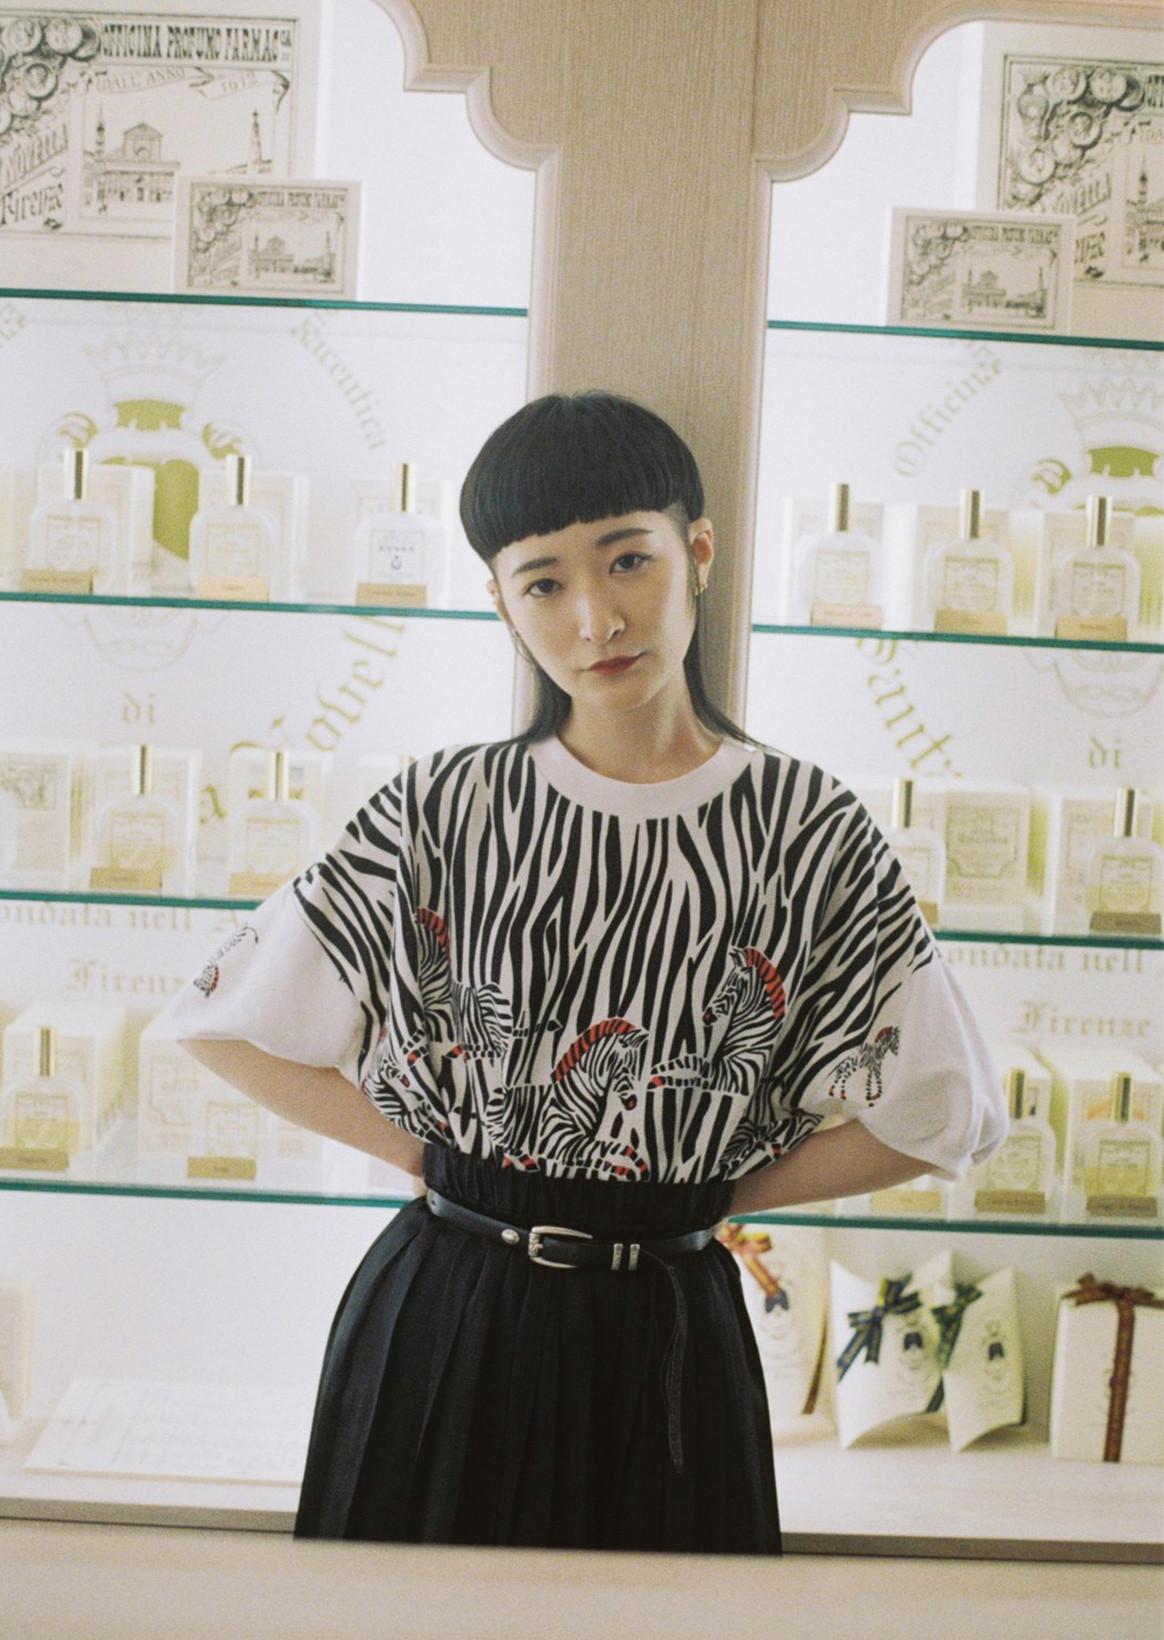 玲玲(BiSH)×Santa Maria Novella/Yves Saint Laurent Beauté|刺激五感,研磨美感的游览胜地访问